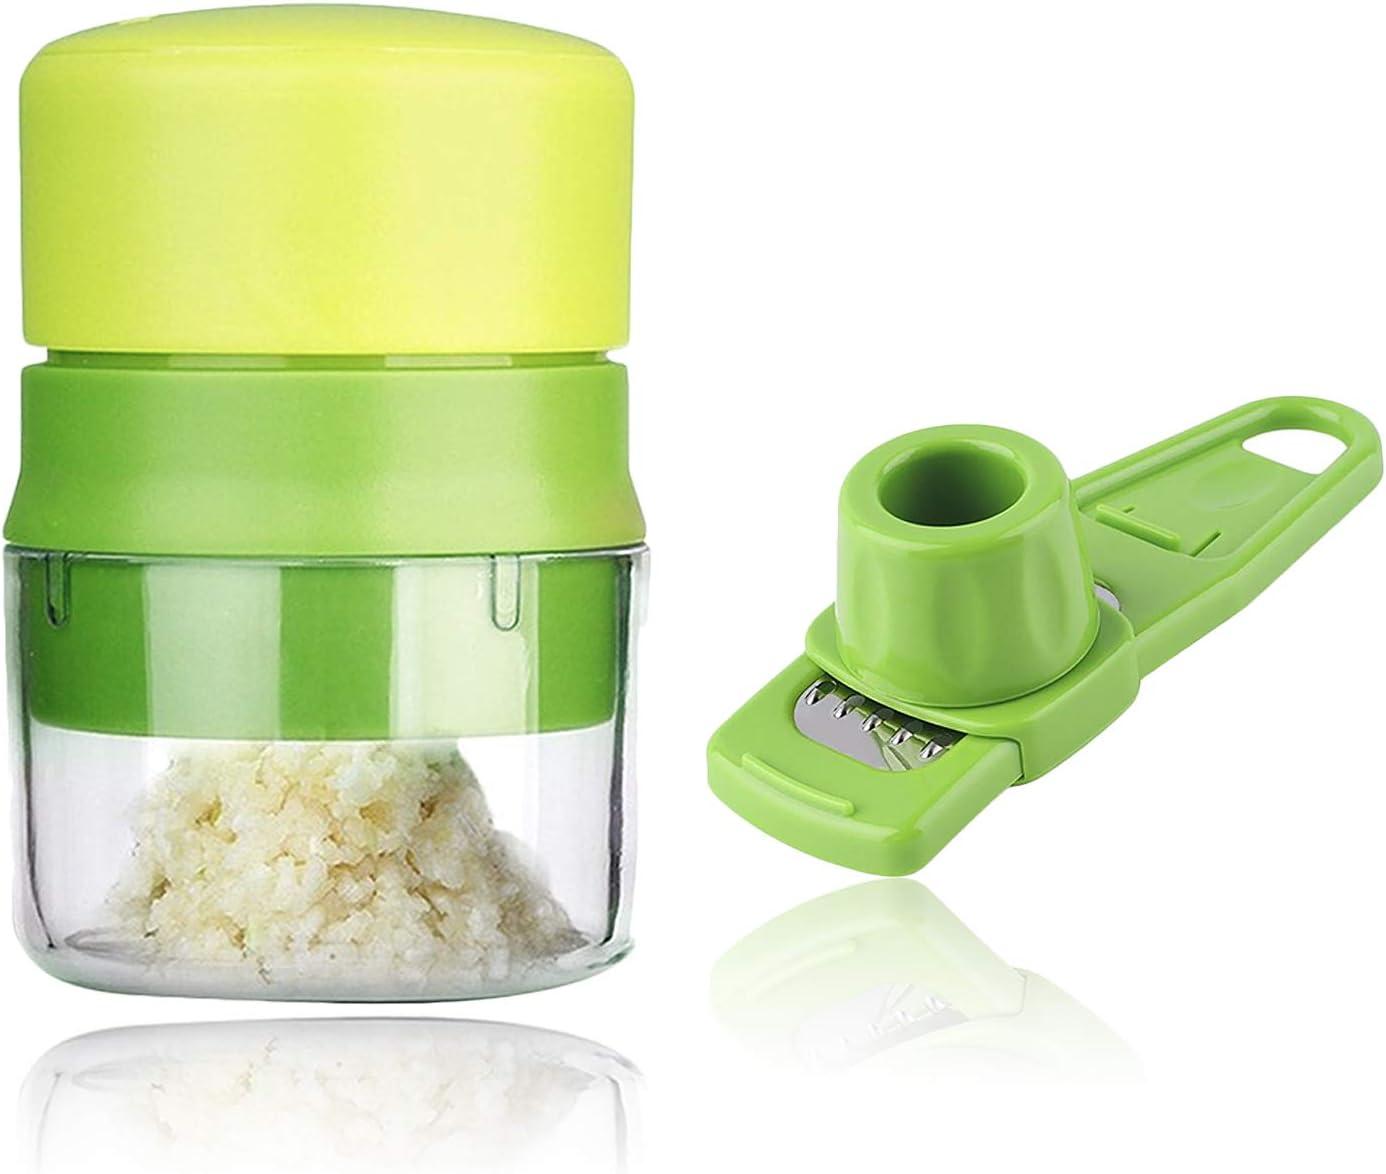 Garlic Press Crusher Mincer Chopper Peeler Squeeze Cutter Stainless Steel Gi;b$